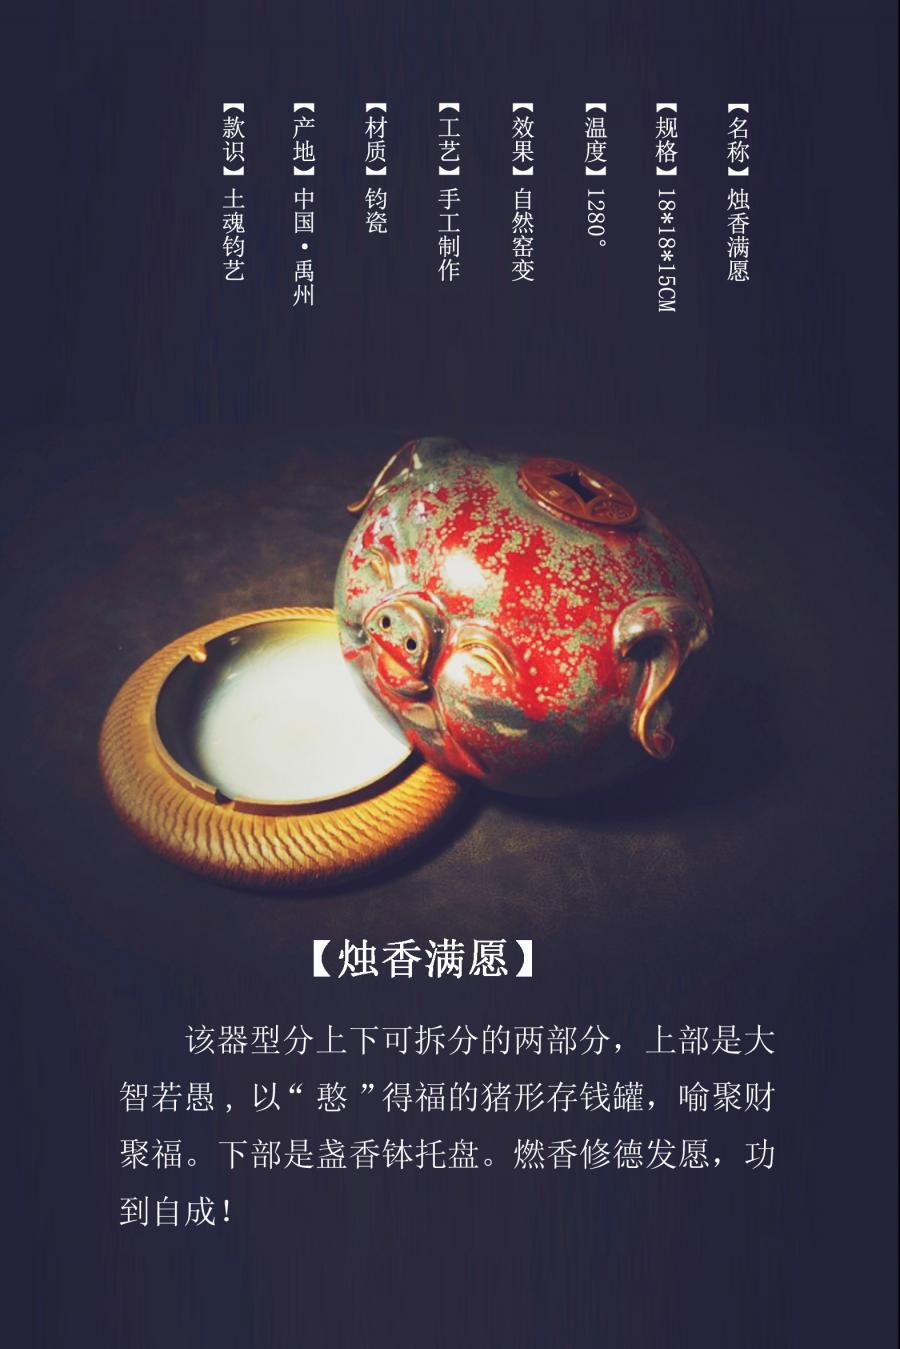 您有一封來自永利注册开户的鈞瓷文化藝術沙龍邀請函,請注意查收